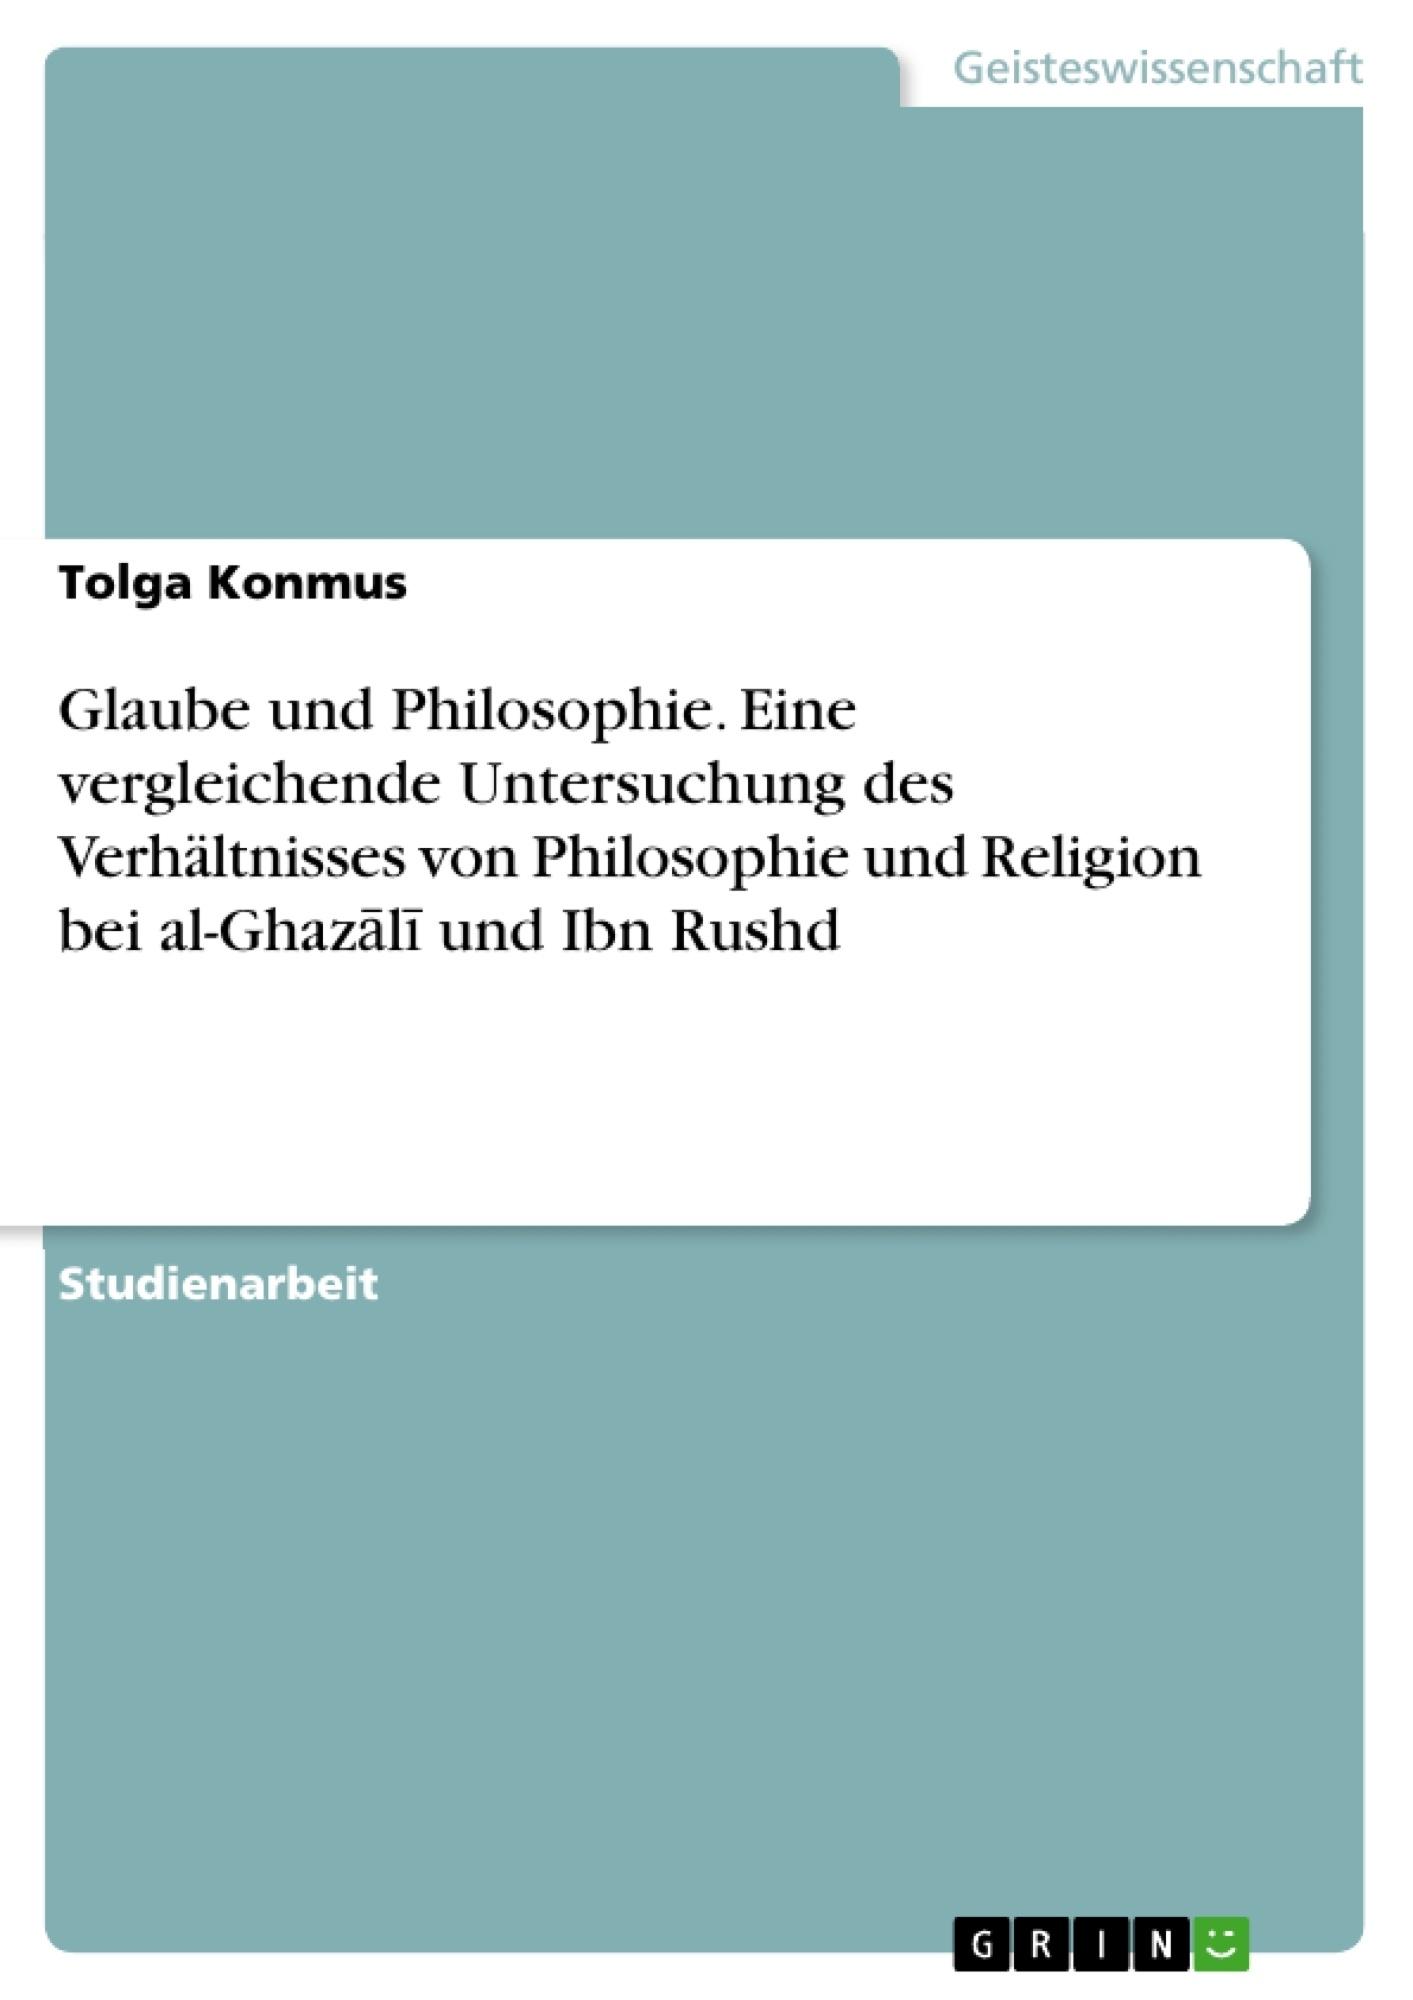 Titel: Glaube und Philosophie. Eine vergleichende Untersuchung des Verhältnisses von Philosophie und Religion bei al-Ghazālī und Ibn Rushd